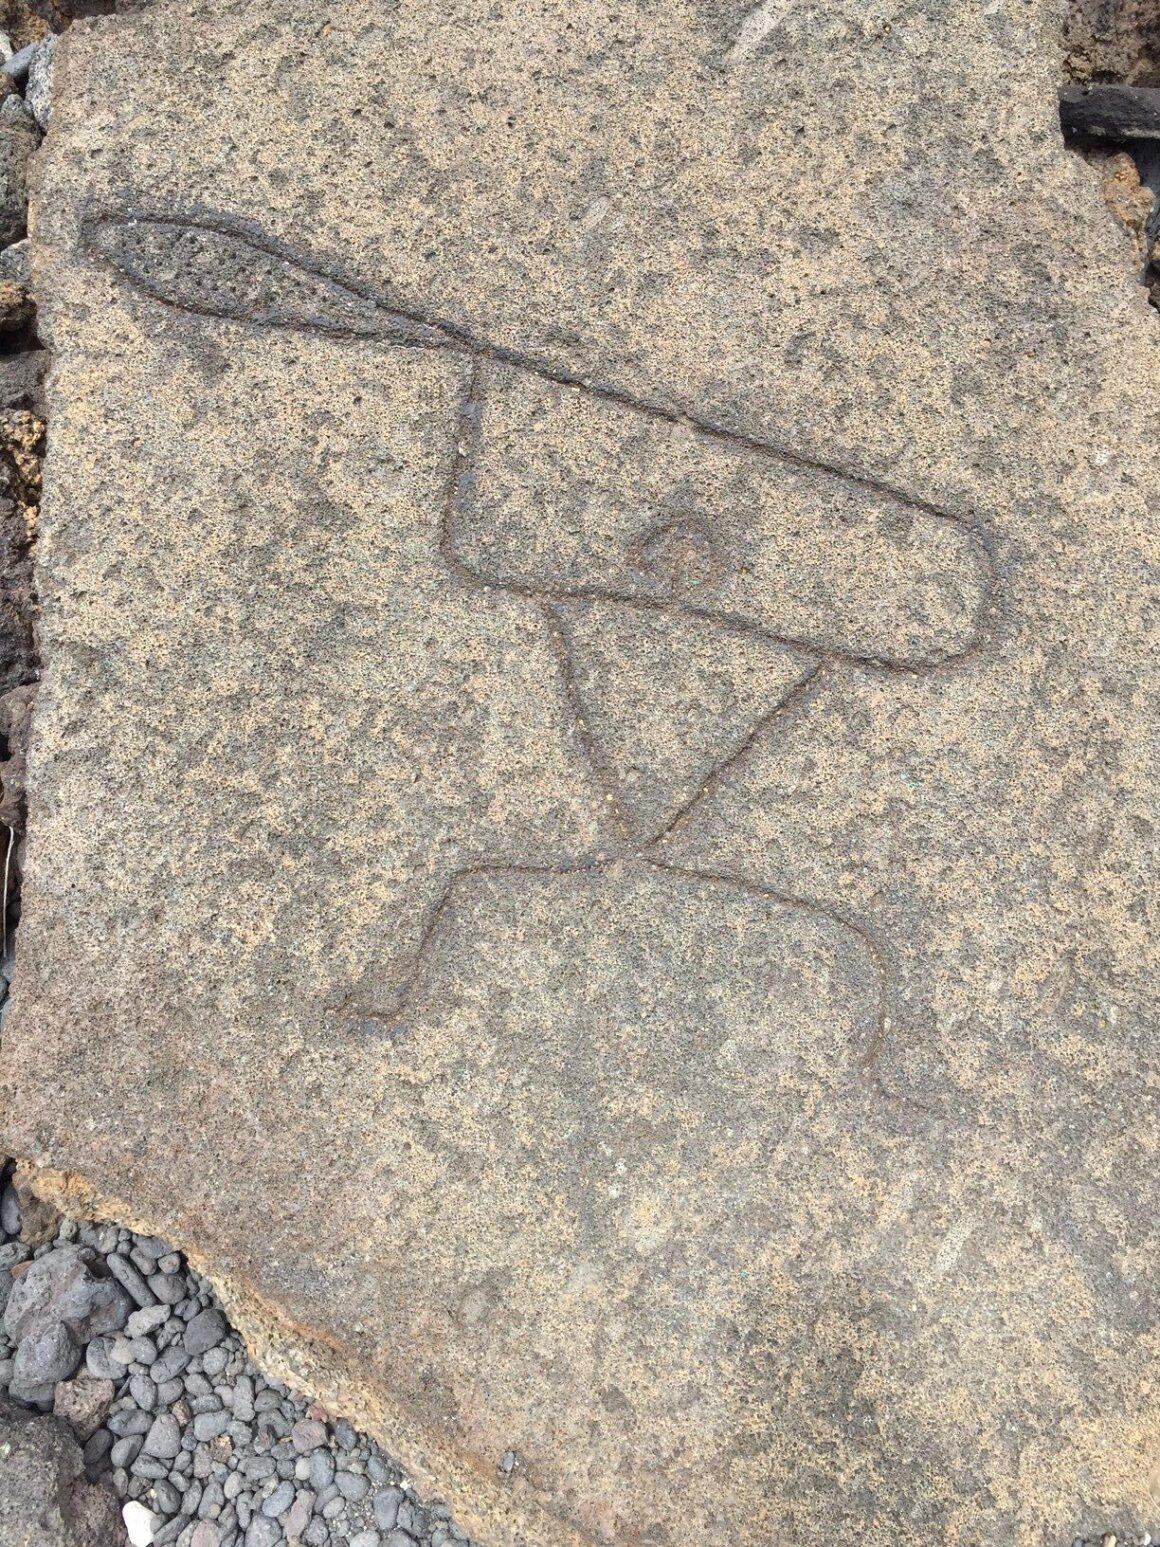 Petroglyph 8 on the Pu'u Loa Petroglyph Trail